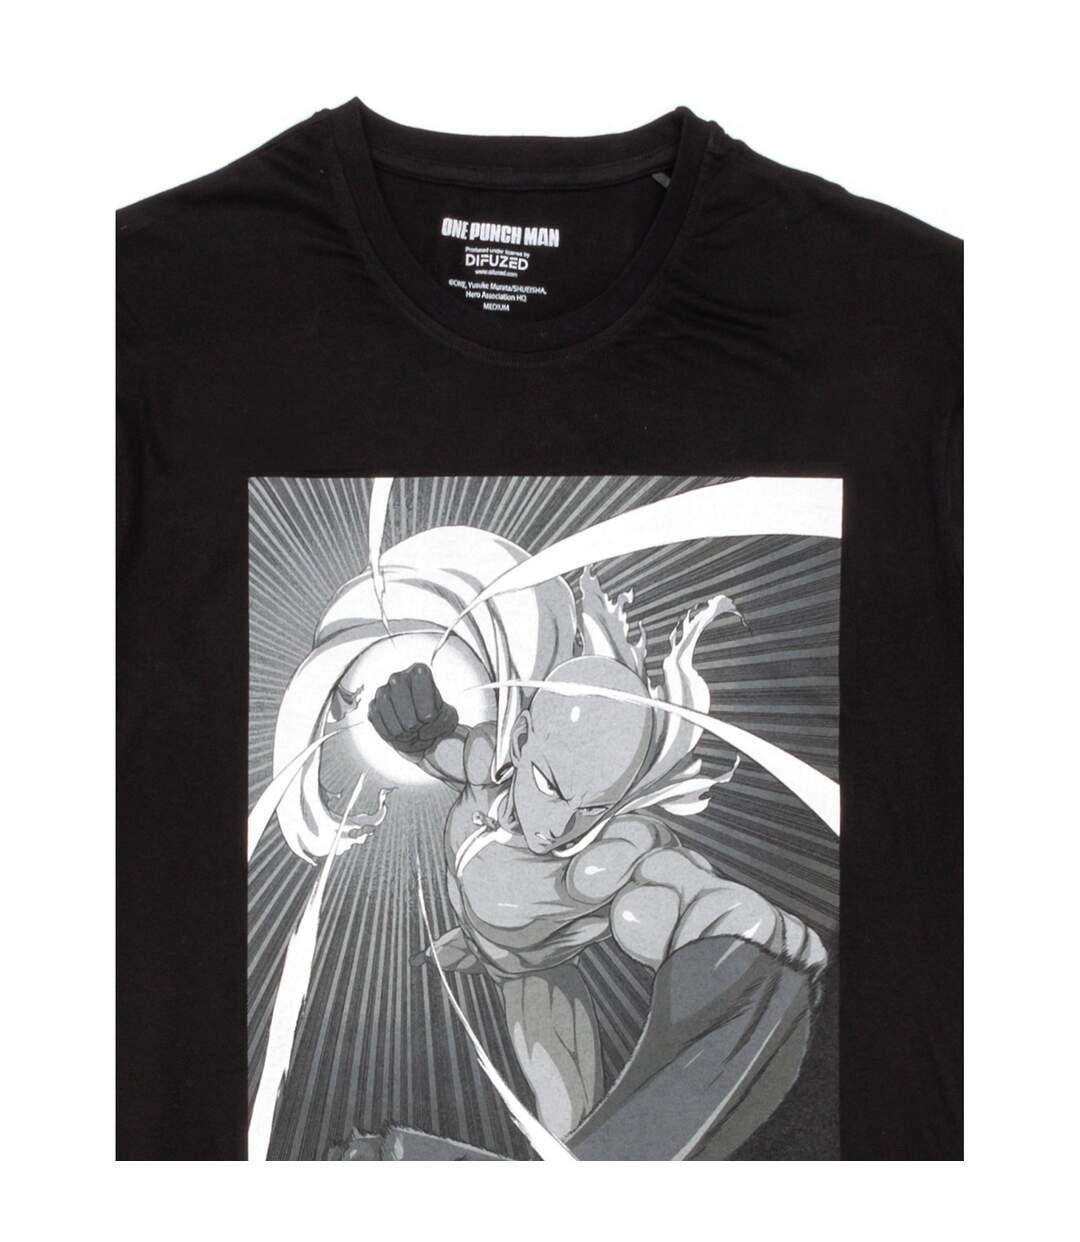 One Punch Man Mens Saitama T-Shirt (Black) - UTNS5588